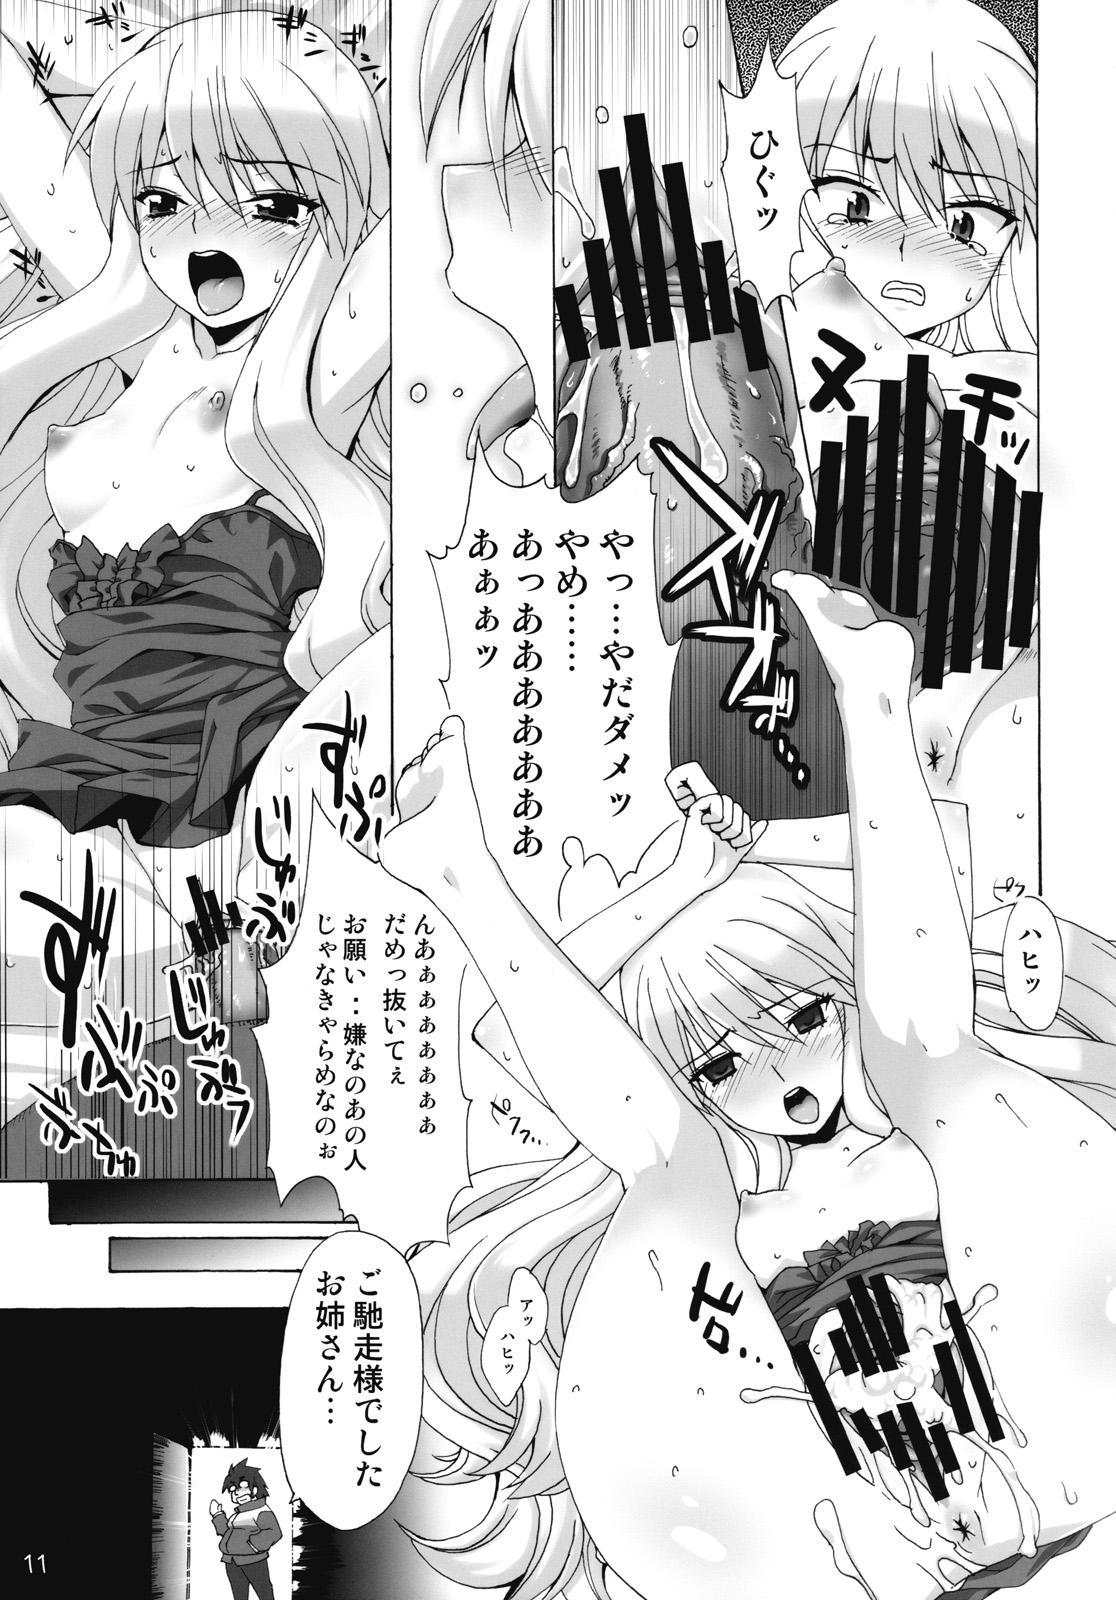 Boku wa motto Louise to Sex suru!! 9